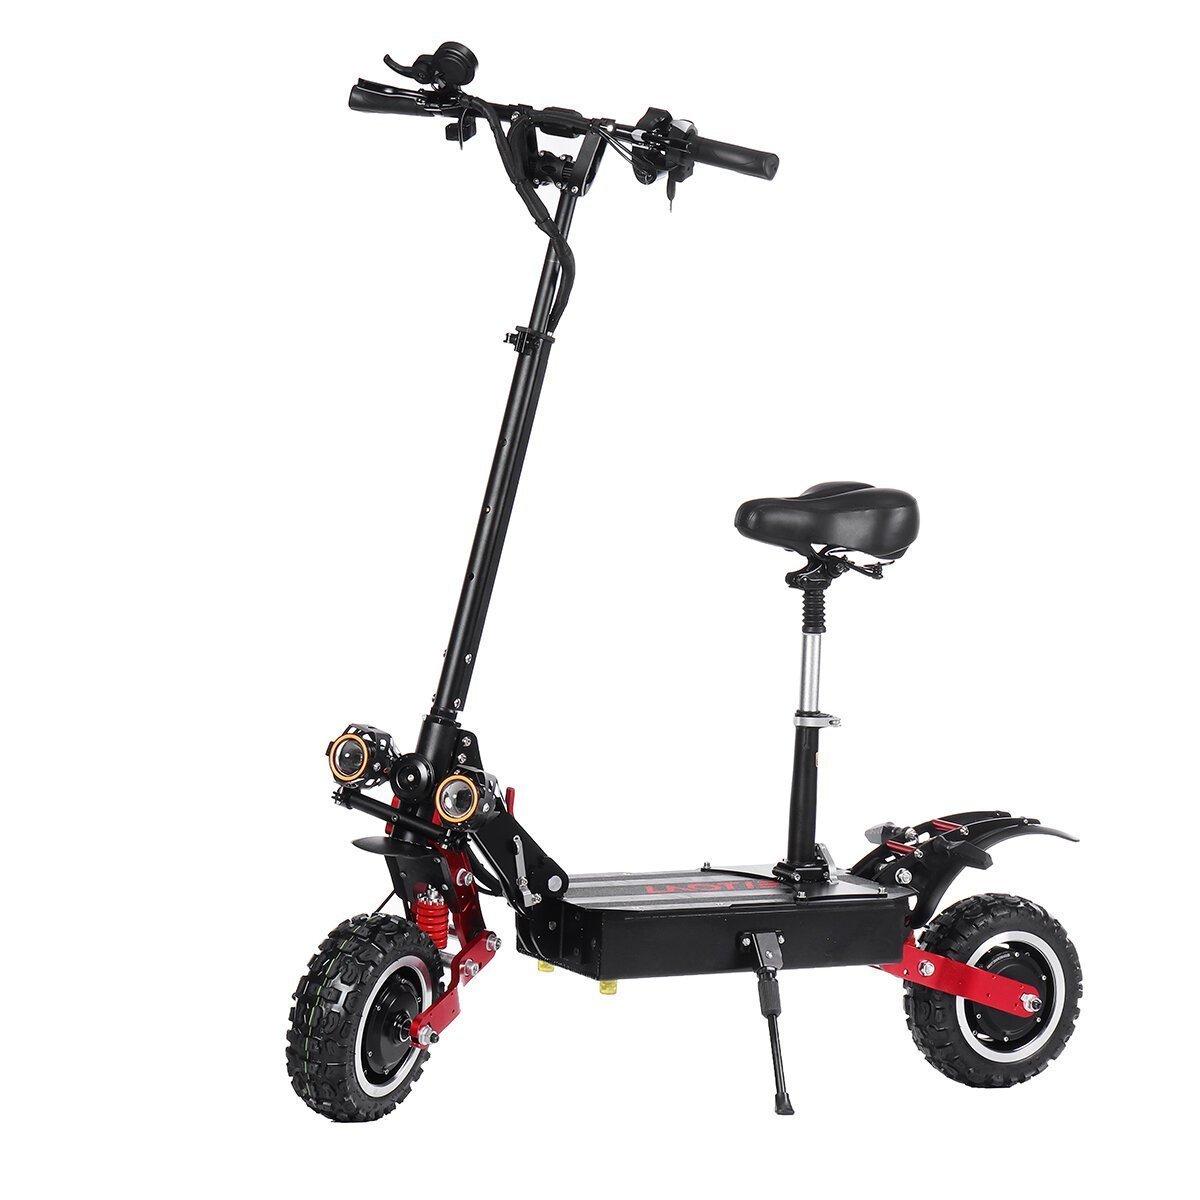 LAOTIE ES18 60V 31.2Ah 2800W * 2 Scooter elettrico pieghevole a doppio motore con sella 85Km / h Velocità massima 100km Autonomia Offerta Offerta #Banggood #BlackFriday2020